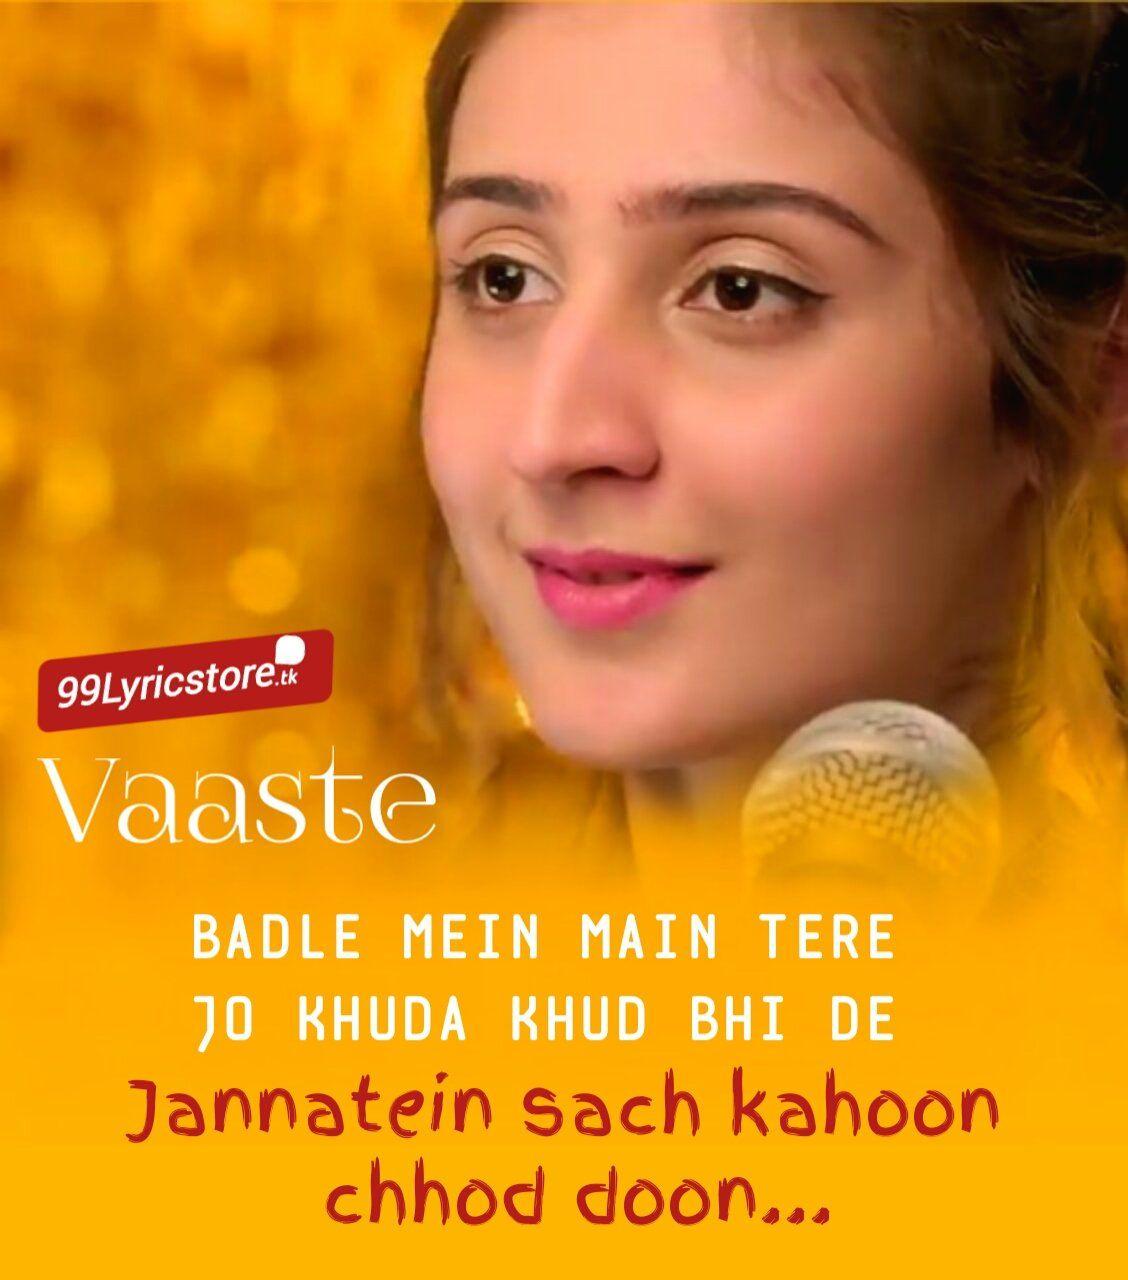 Vaaste Lyrics Dhvani Bhanushali Nikhil D Souza Song Lyric Quotes Lyric Quotes Lyrics